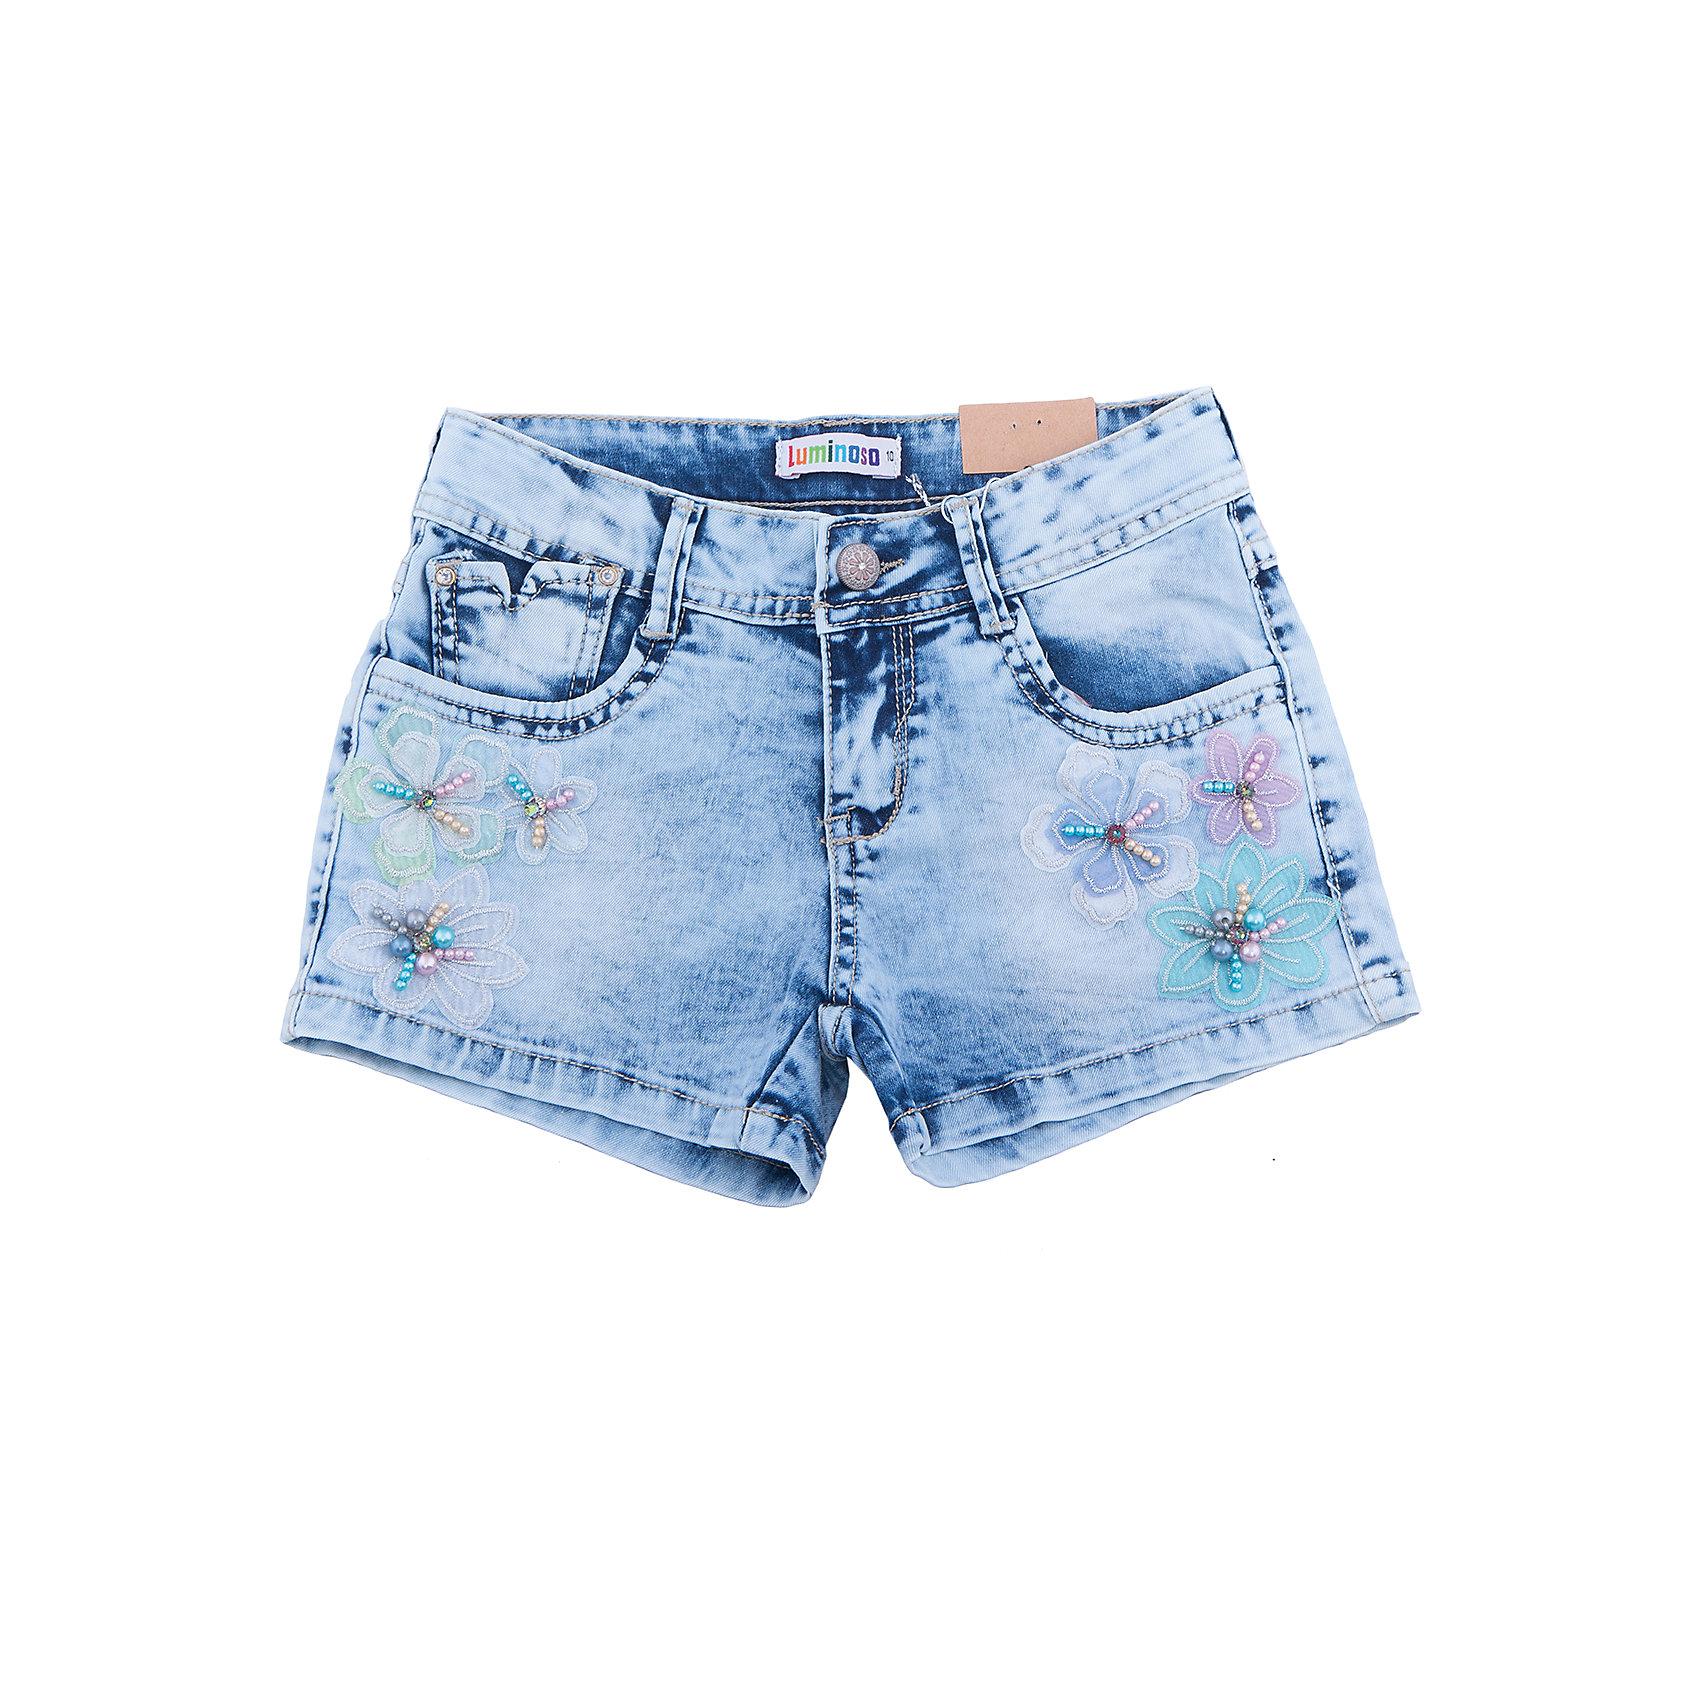 Шорты джинсовые для девочки LuminosoДжинсовая одежда<br>Короткие джинсовые шорты для девочки. Низ декорирован цветами и бусинами. Имеется два боковых кармана.  Застегиваются на молнию и пуговицу.<br>Состав:<br>98% хлопок, 2% эластан<br><br>Ширина мм: 191<br>Глубина мм: 10<br>Высота мм: 175<br>Вес г: 273<br>Цвет: синий<br>Возраст от месяцев: 108<br>Возраст до месяцев: 120<br>Пол: Женский<br>Возраст: Детский<br>Размер: 140,134,164,158,152,146<br>SKU: 5413298